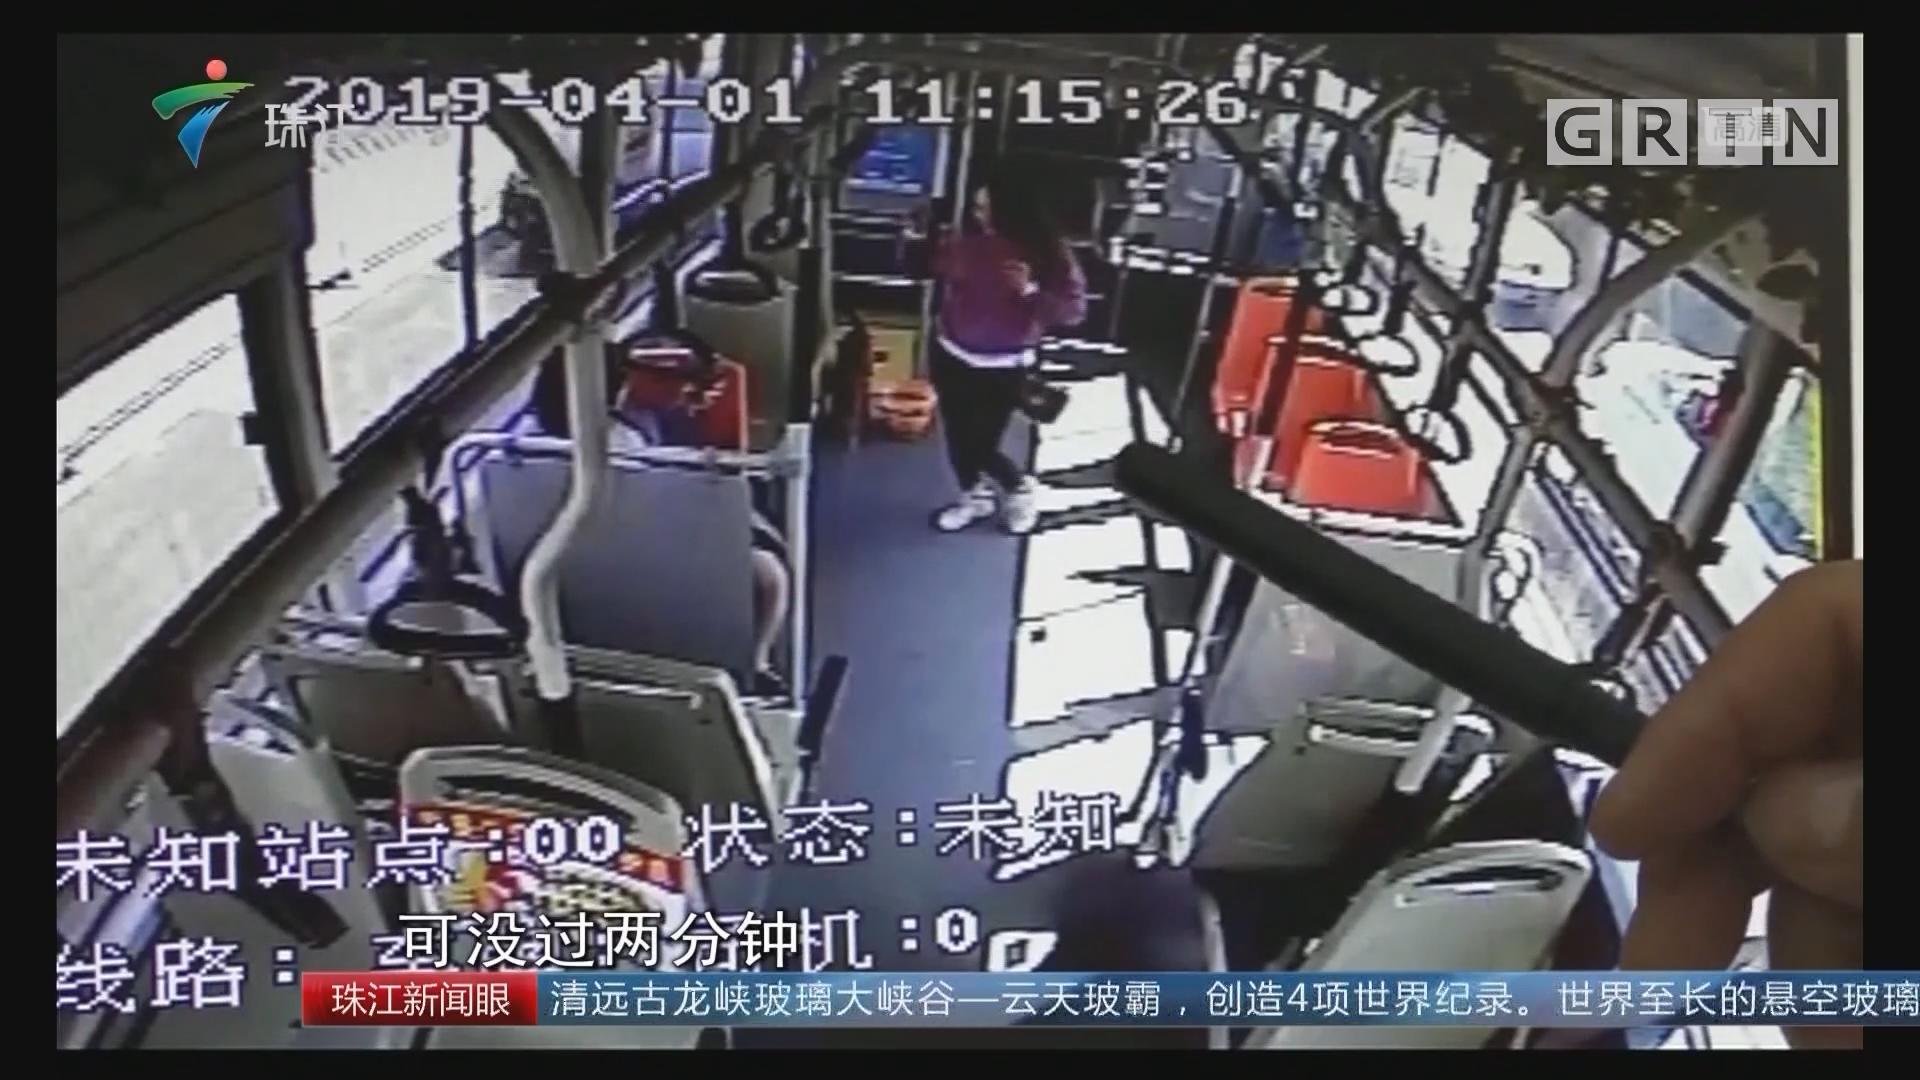 公交车上拍抖音 女子被车长请下车